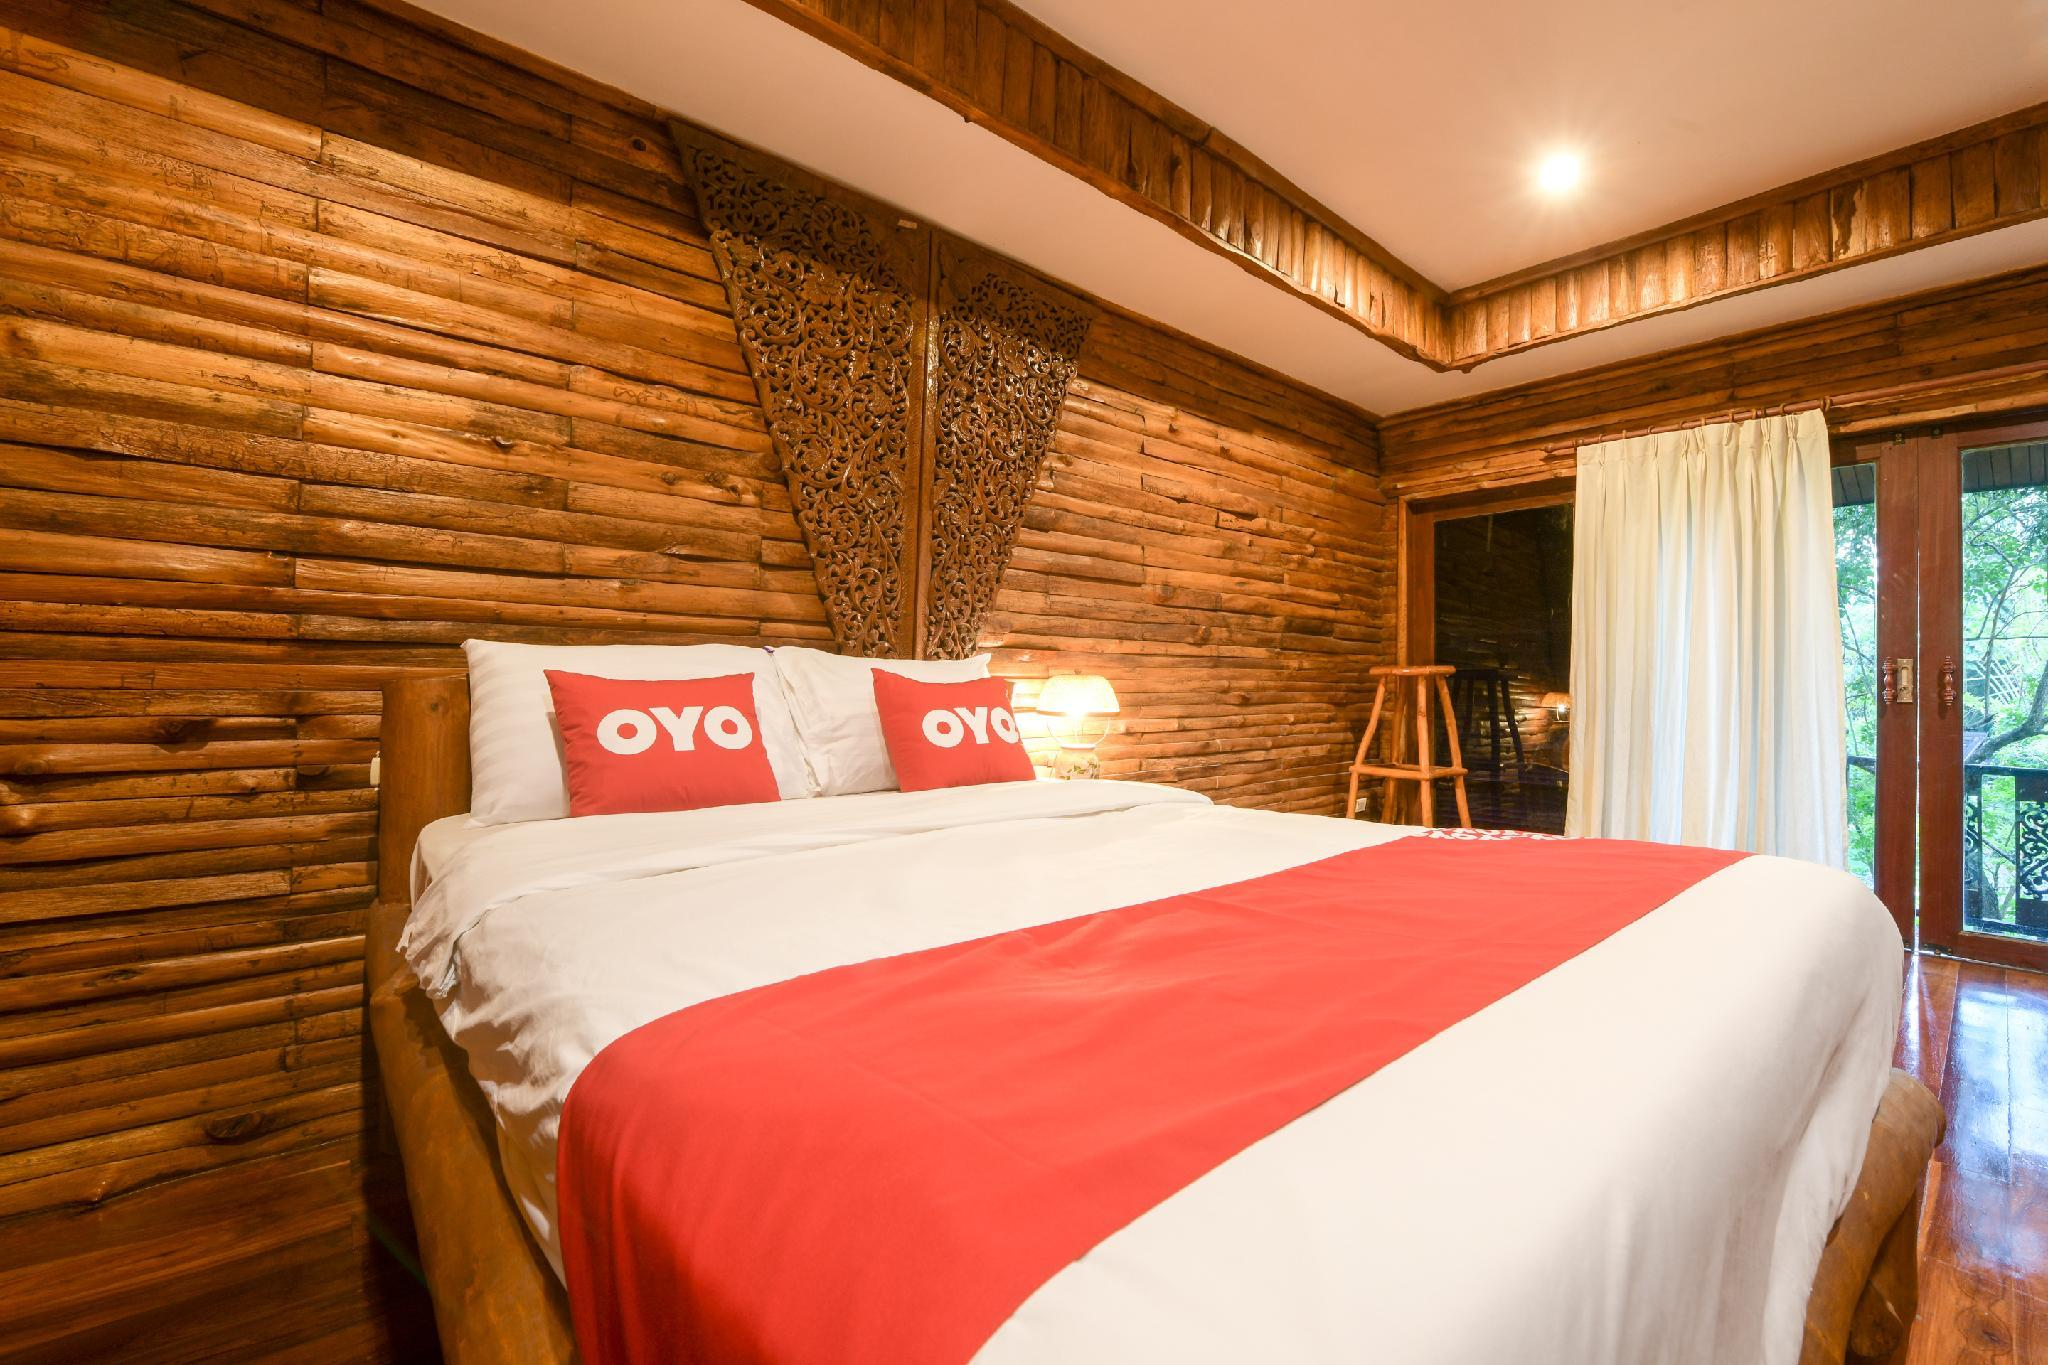 OYO 324 Deedan Pattaya Resort